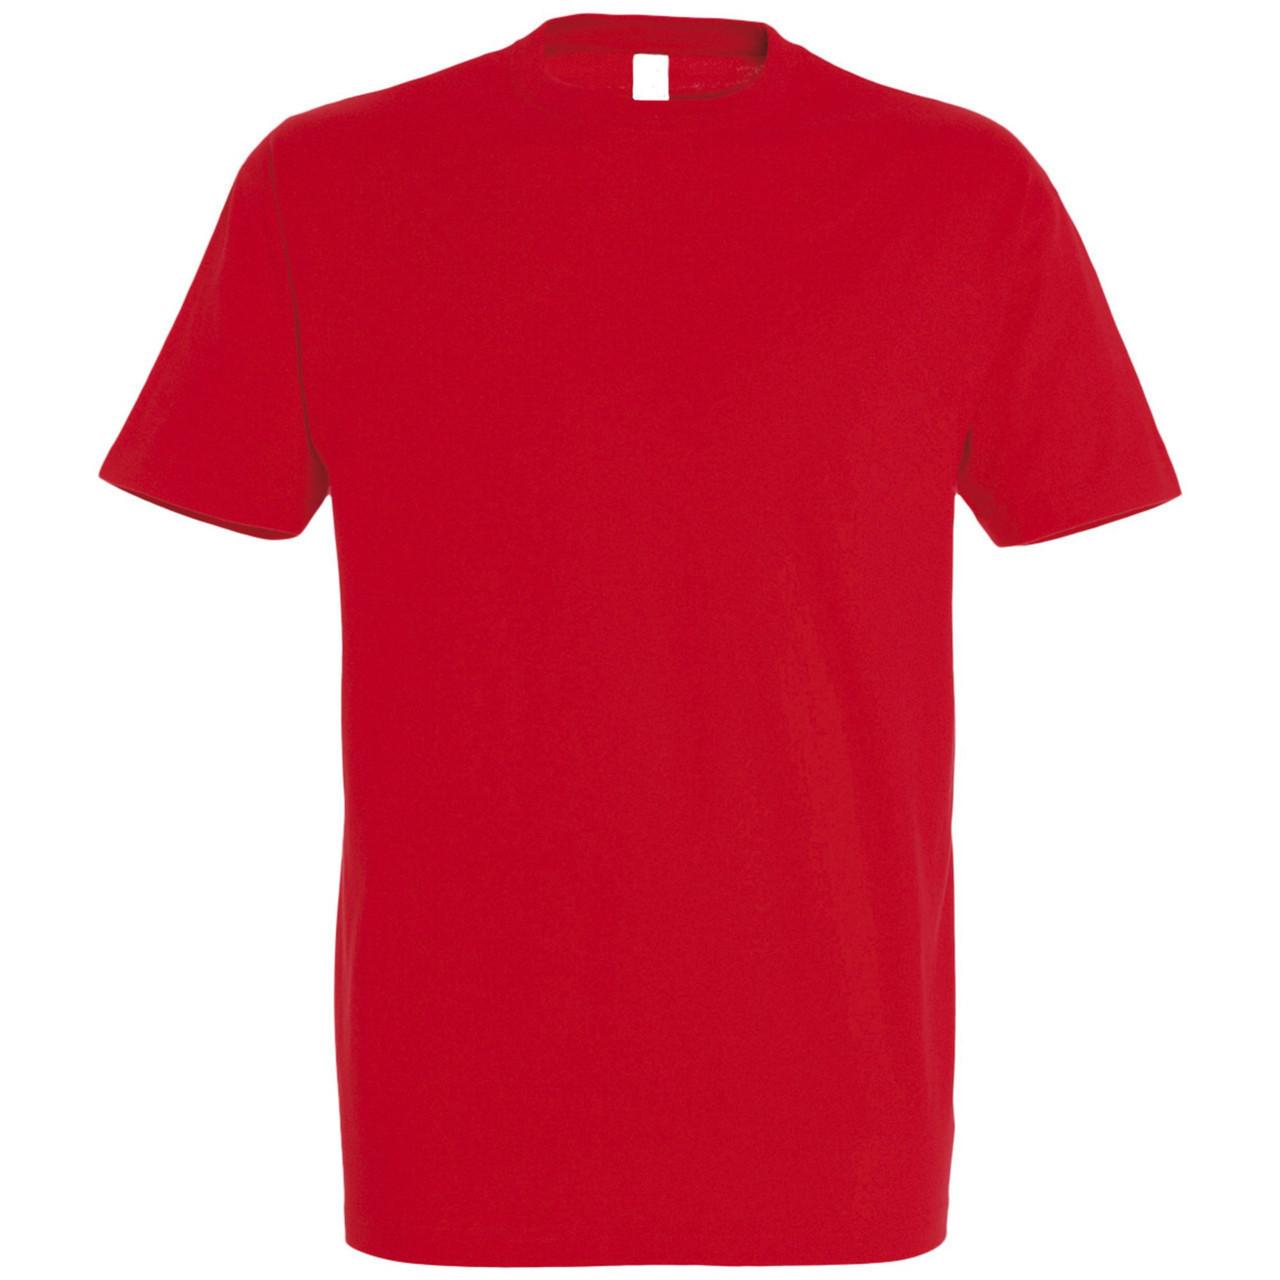 Oднотонная футболка   Красная   160 гр.   2XL